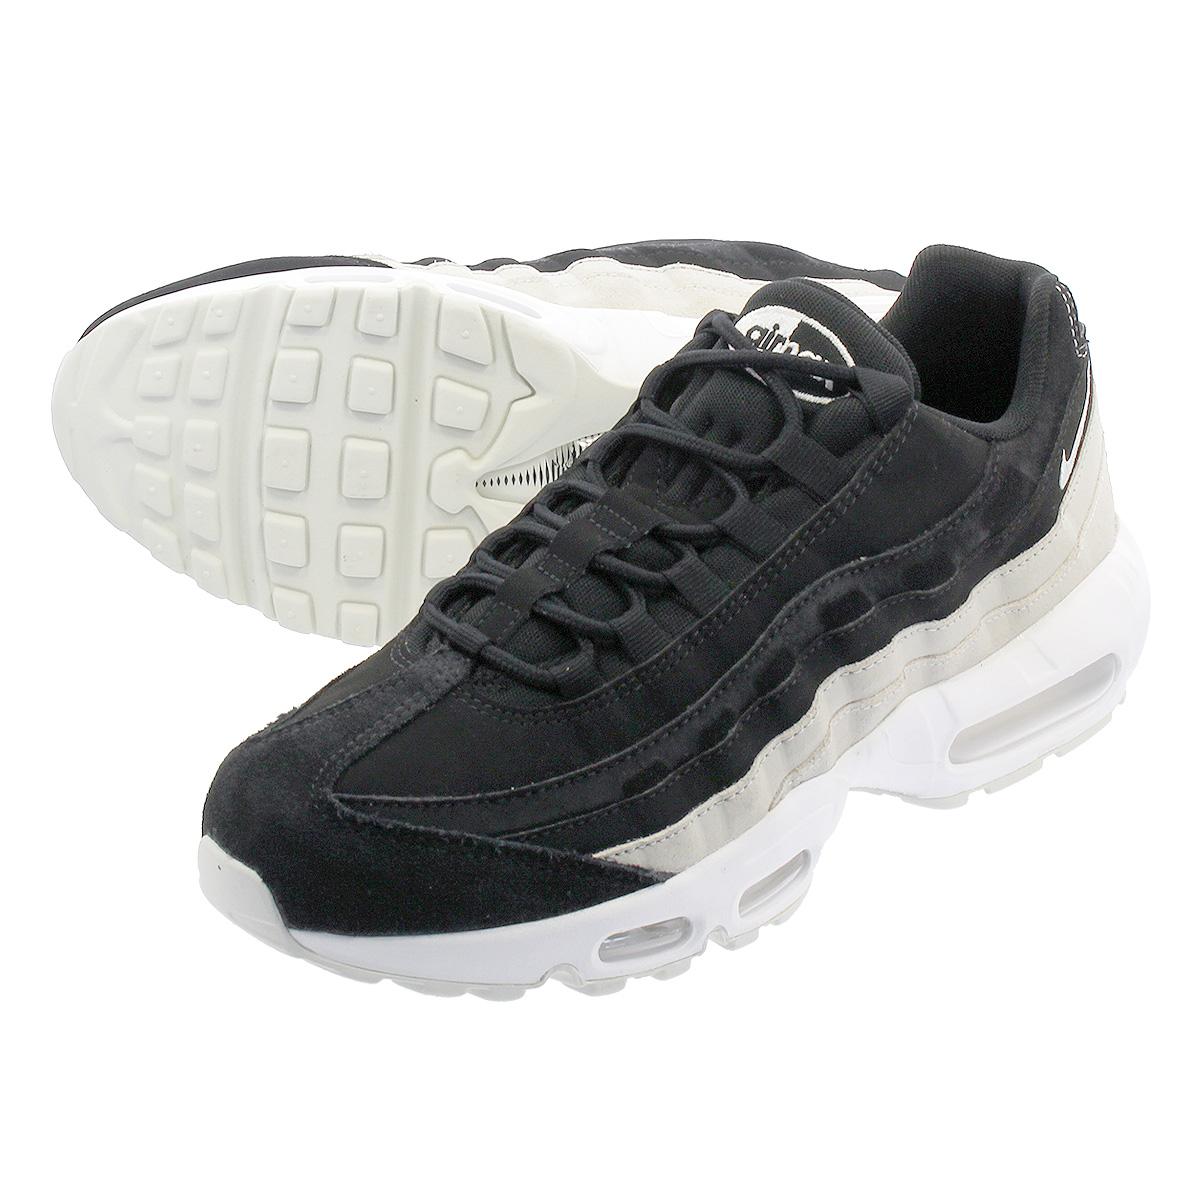 NIKE WMNS AIR MAX 95 PRM Nike women Air Max 95 premium BLACKSPRUCE AURASUMMIT WHITE 807,443 017